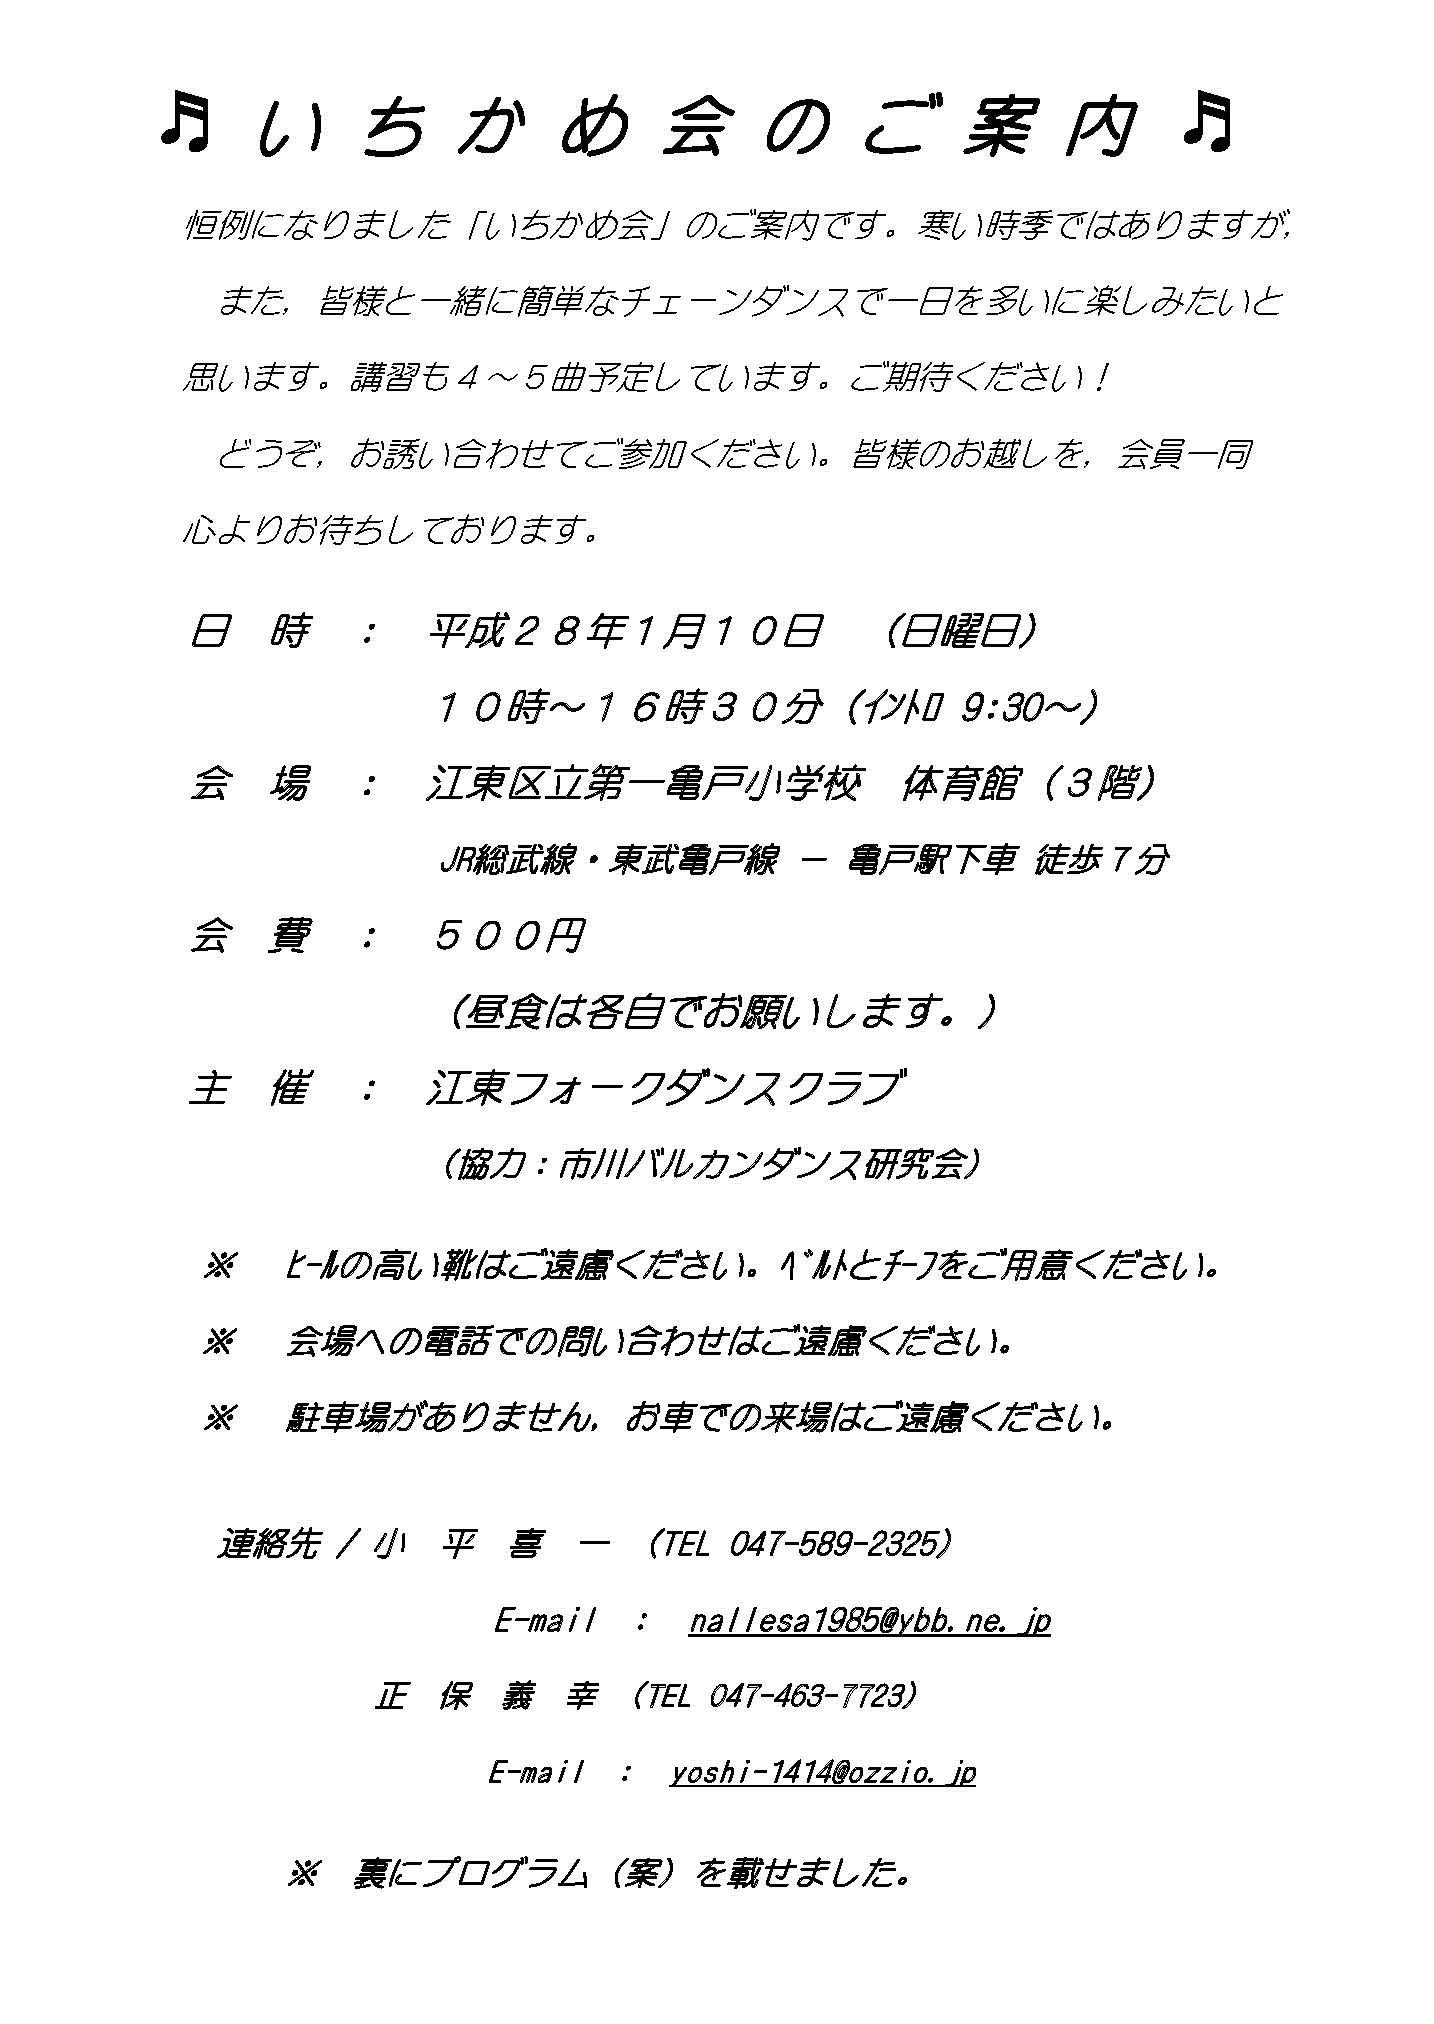 いちかめ会チラシ(表) (2)